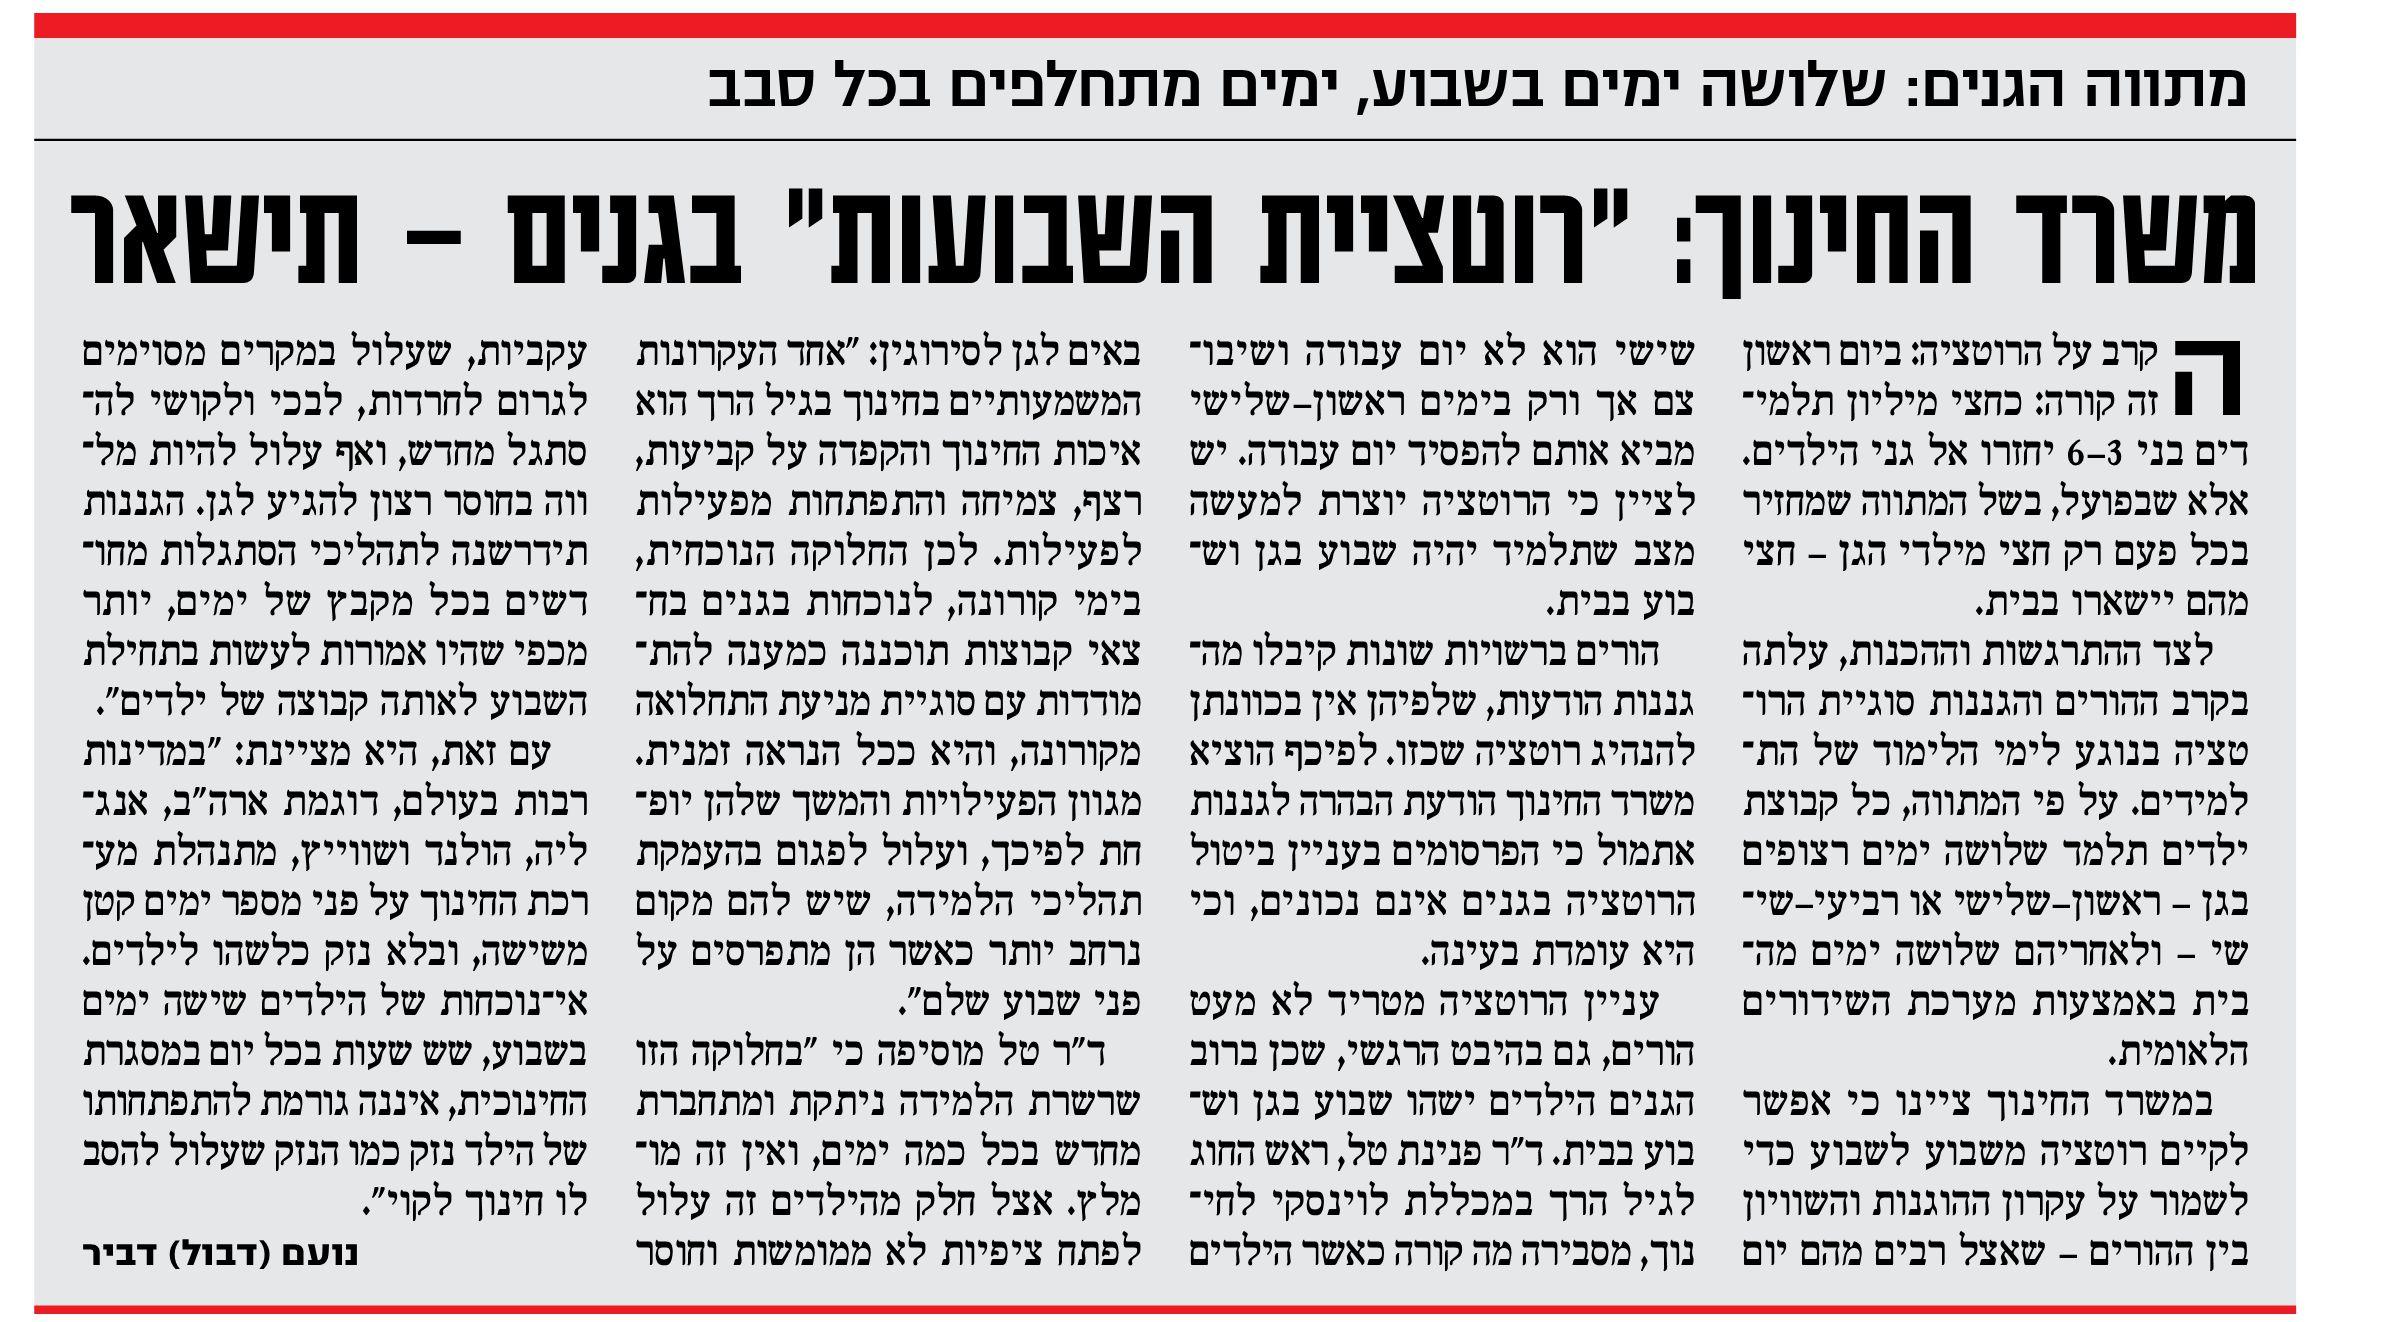 כתבה של פנינת טל בישראל היום